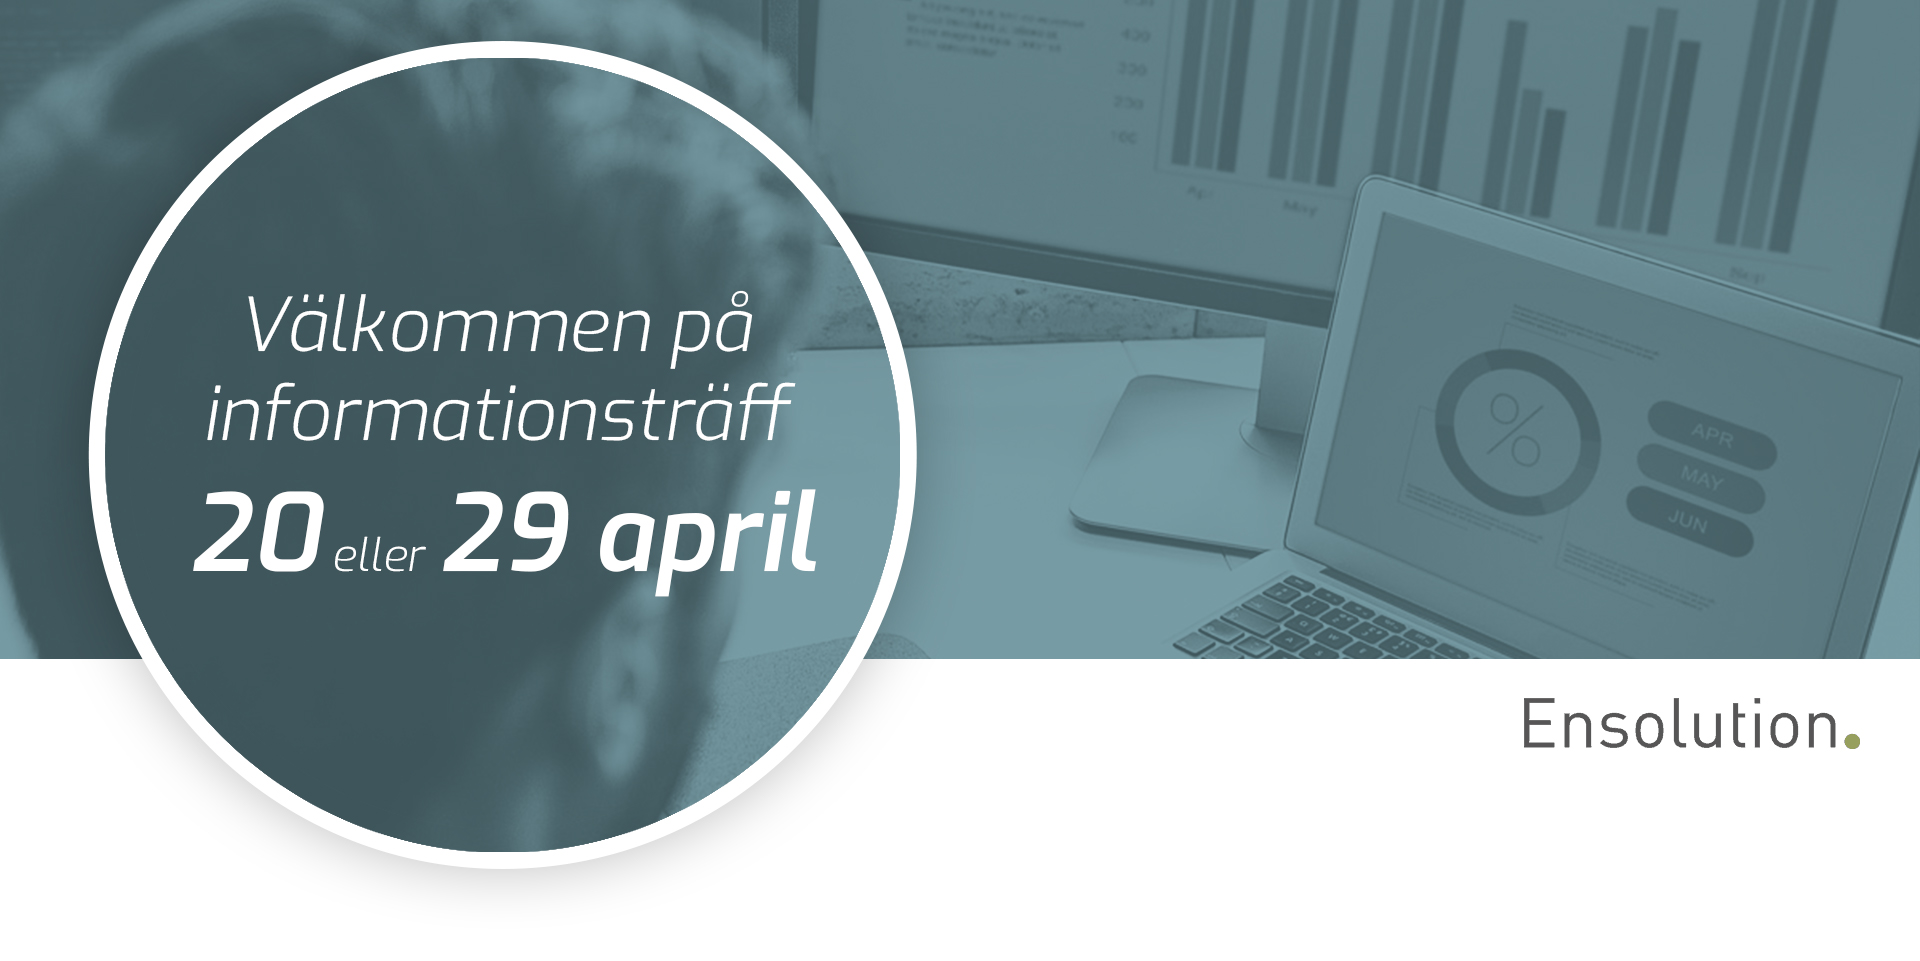 Informationsträff 20 eller 29 april